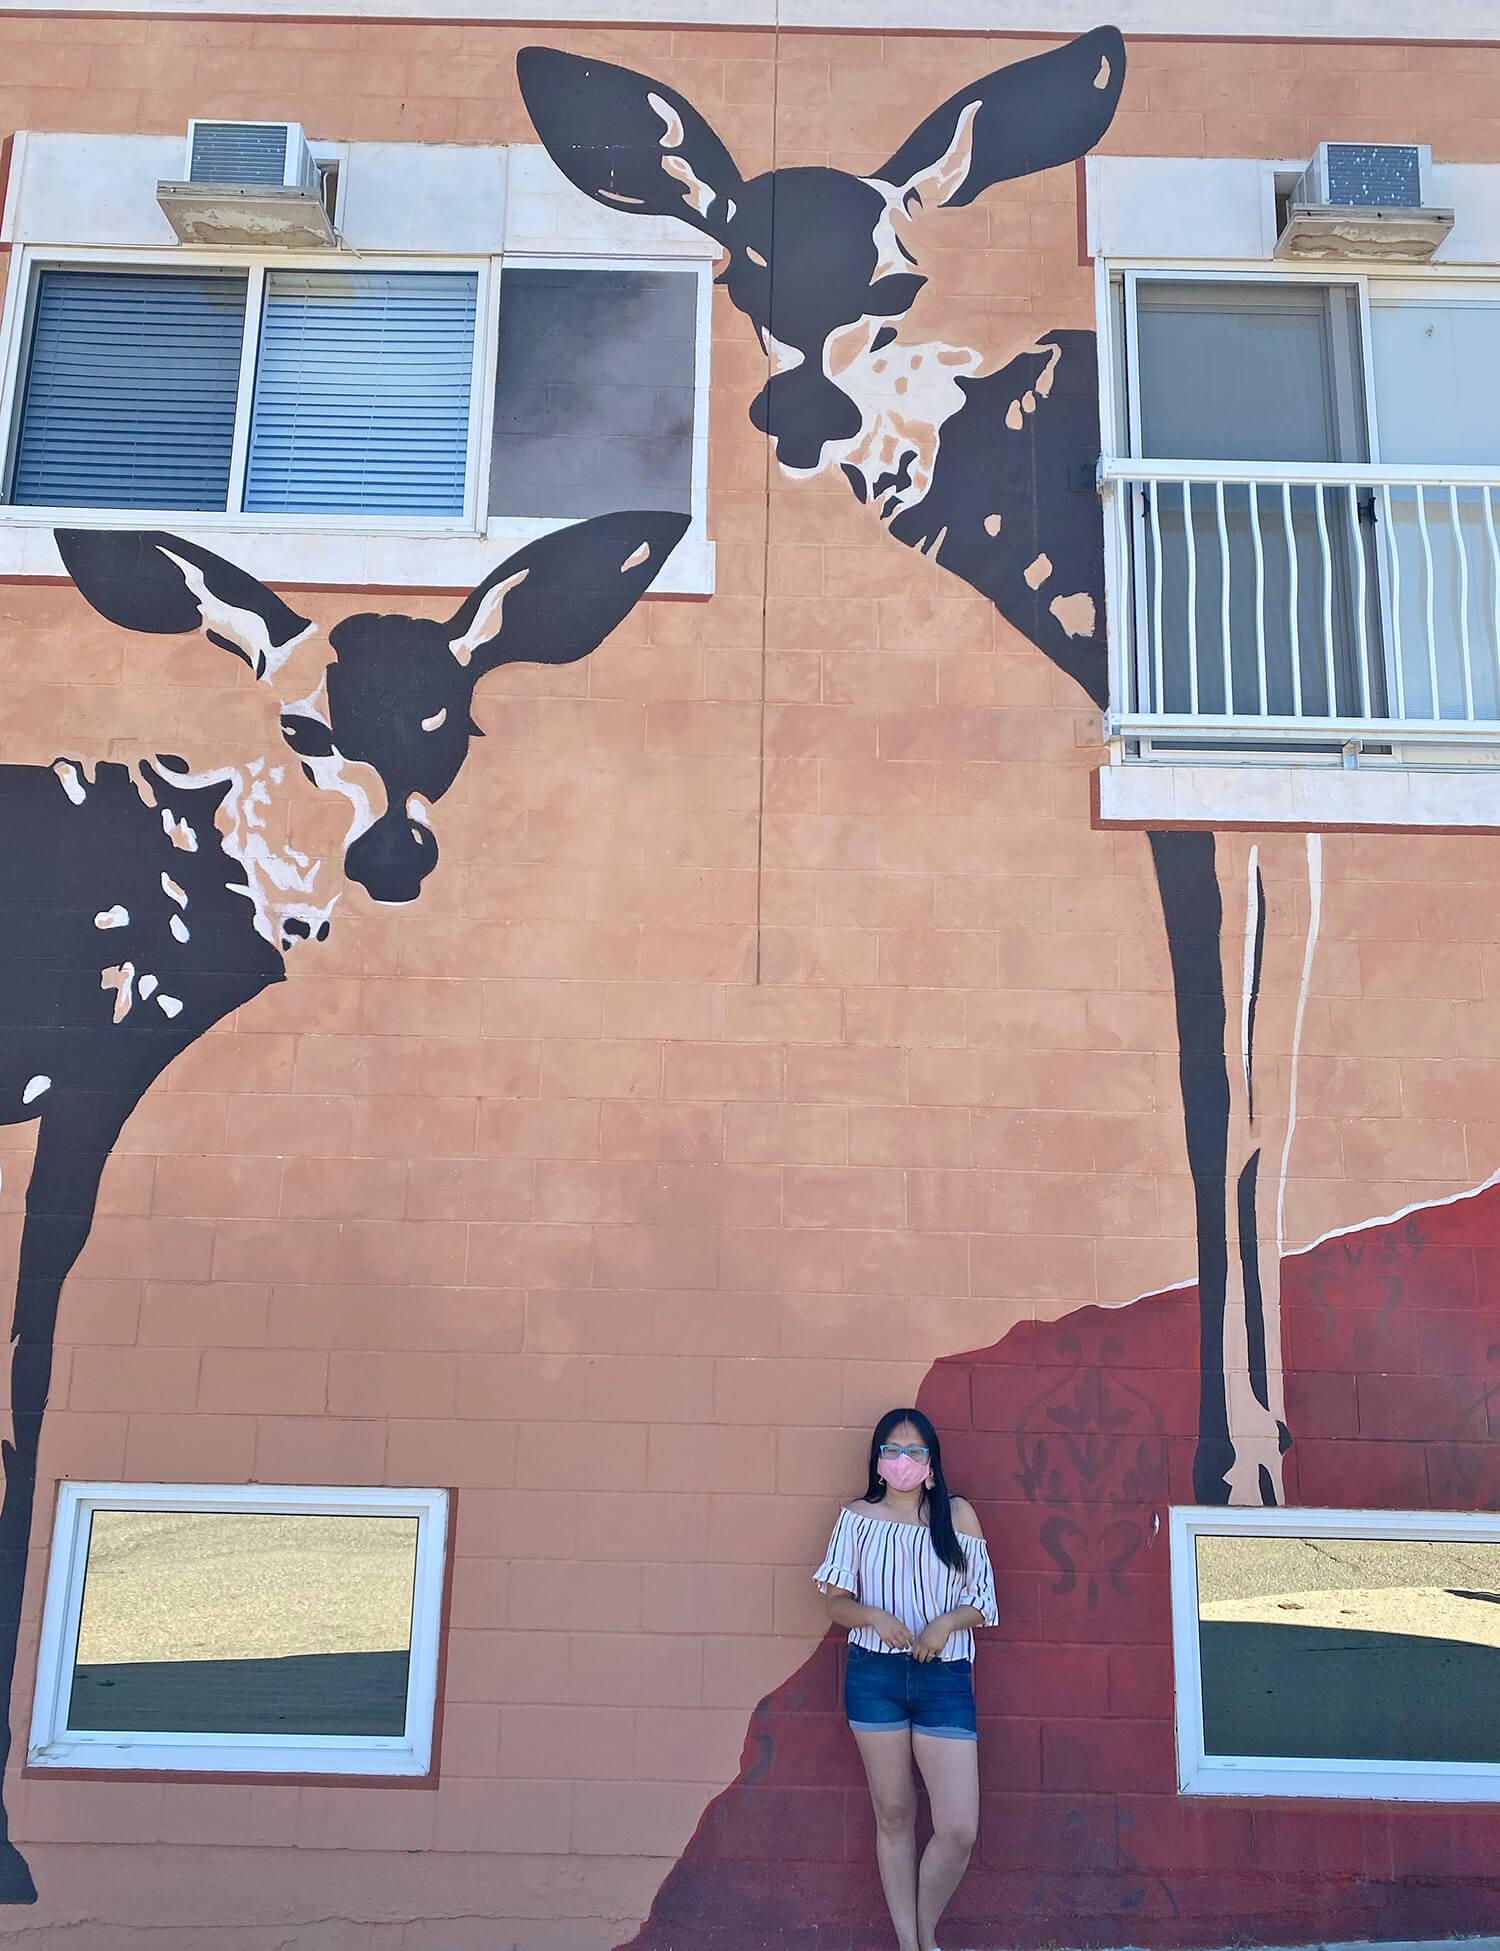 Instagrammable Walls of Medicine Hat - Wendy Struck - Deer in the City Art Mural